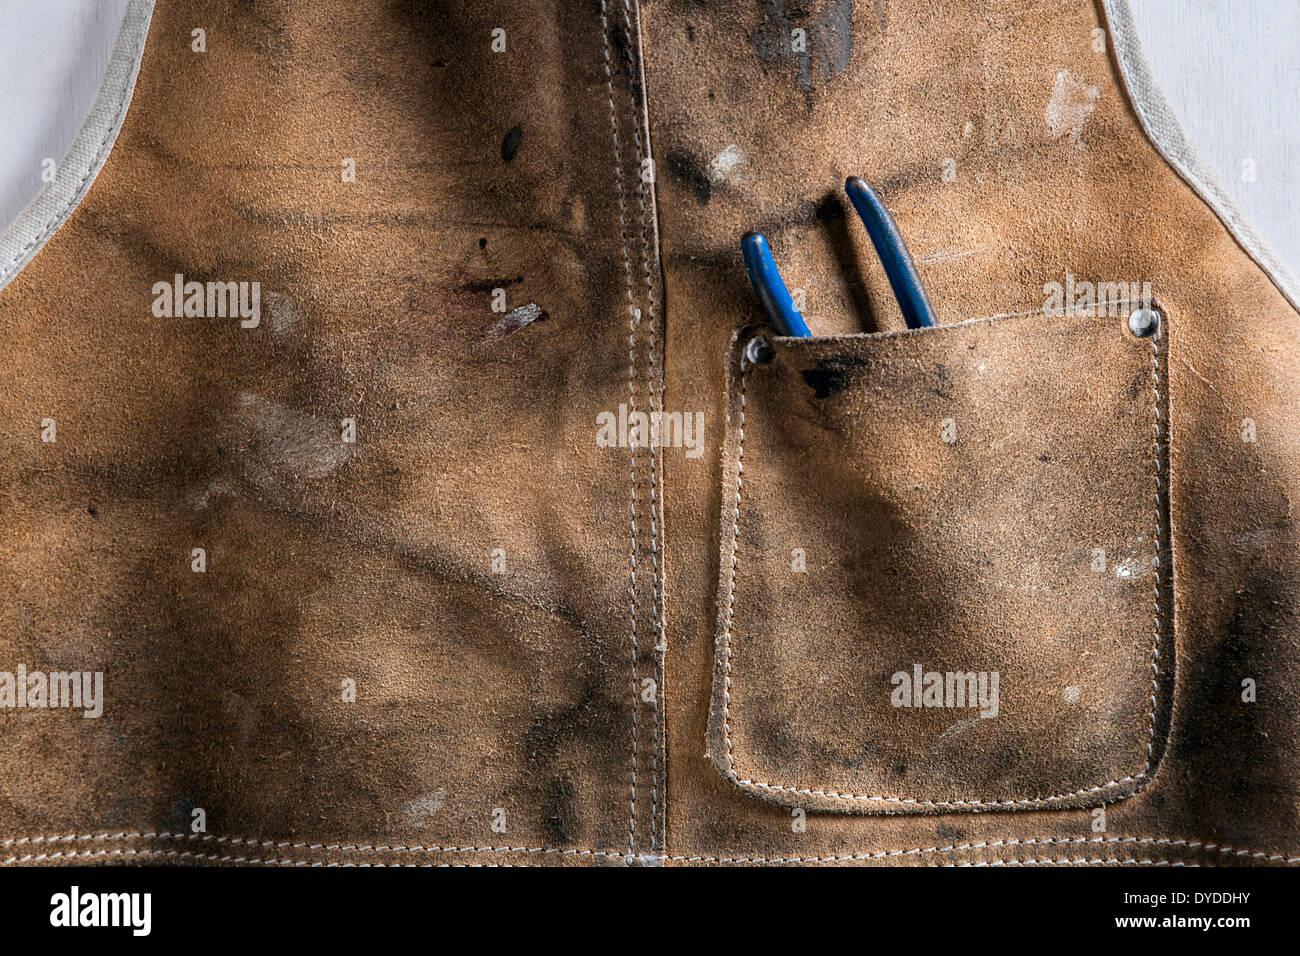 Lederschürze Workshop mit einer Zange in die Tasche. Stockbild